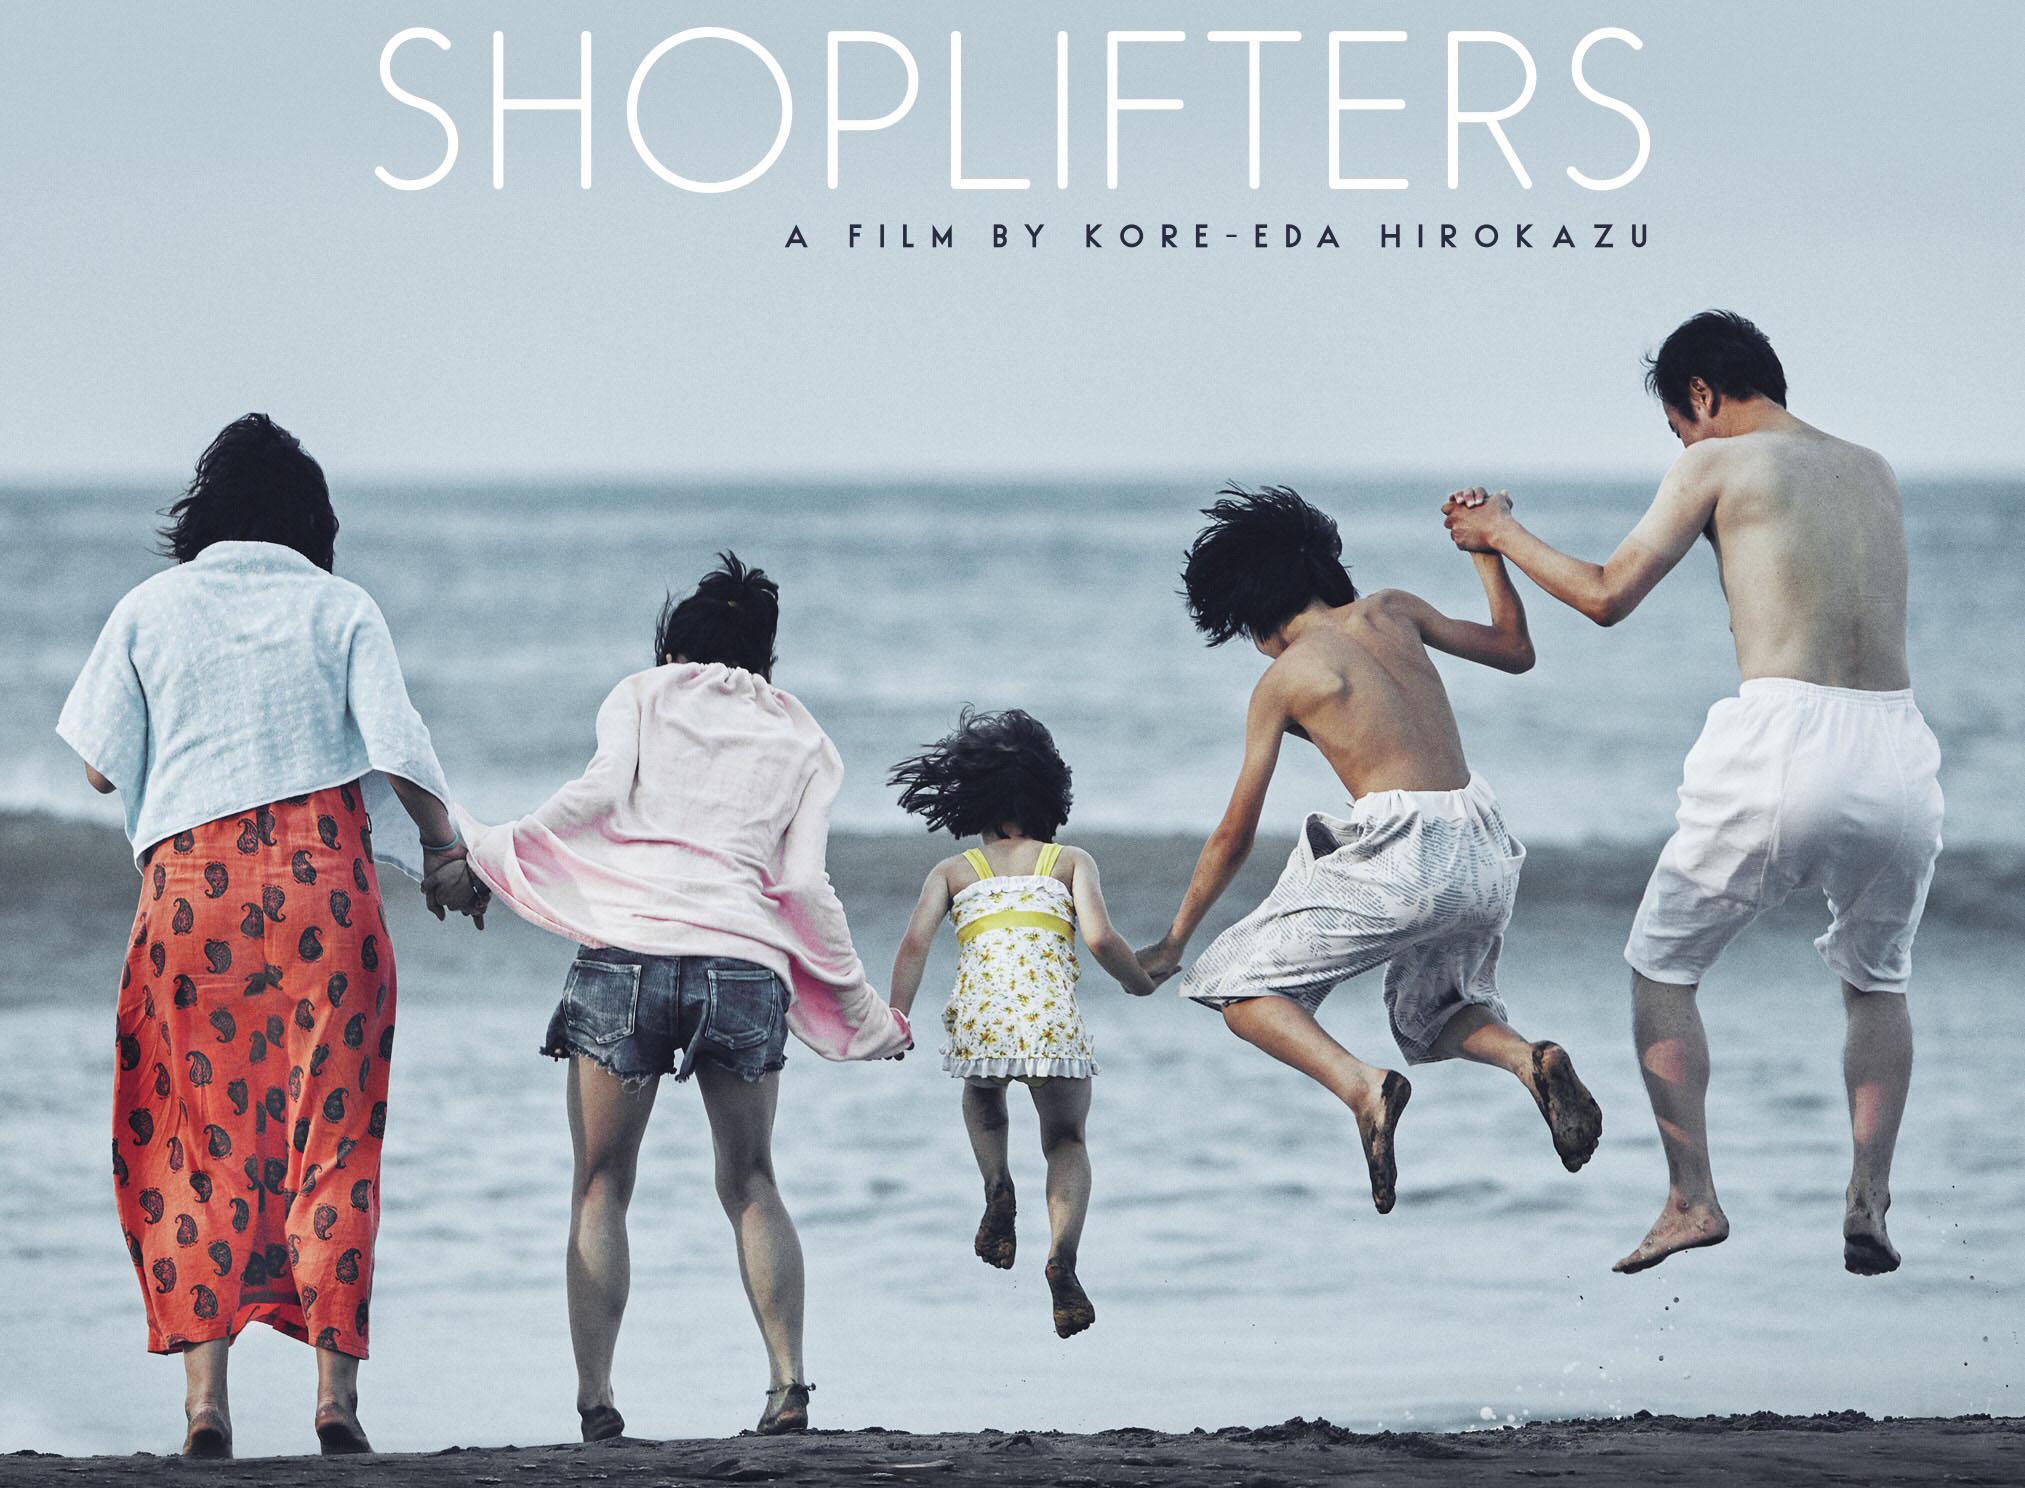 پسنوشتی بر فیلم دلهدزدهای فروشگاه اثر هیروکازو کوریدا